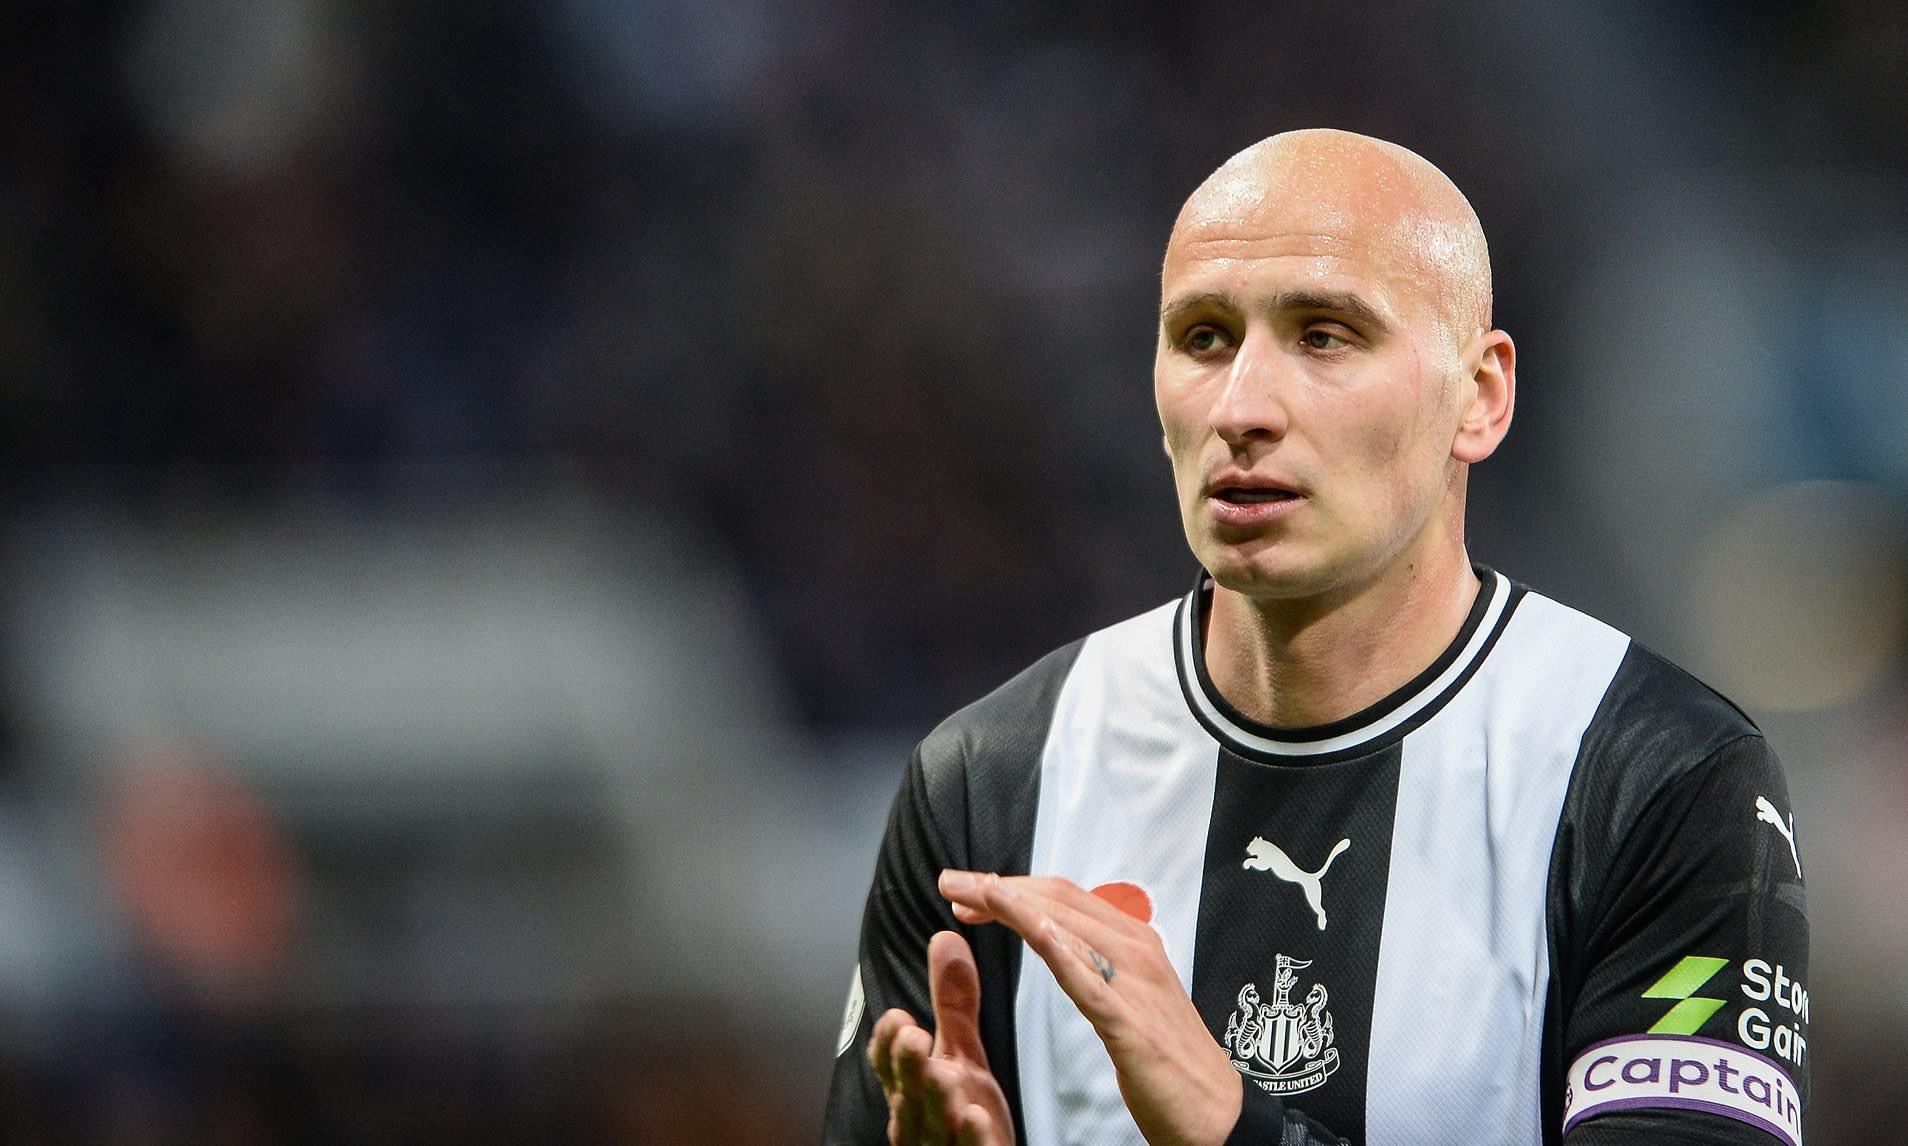 Top 5 Bald Footballers 2020